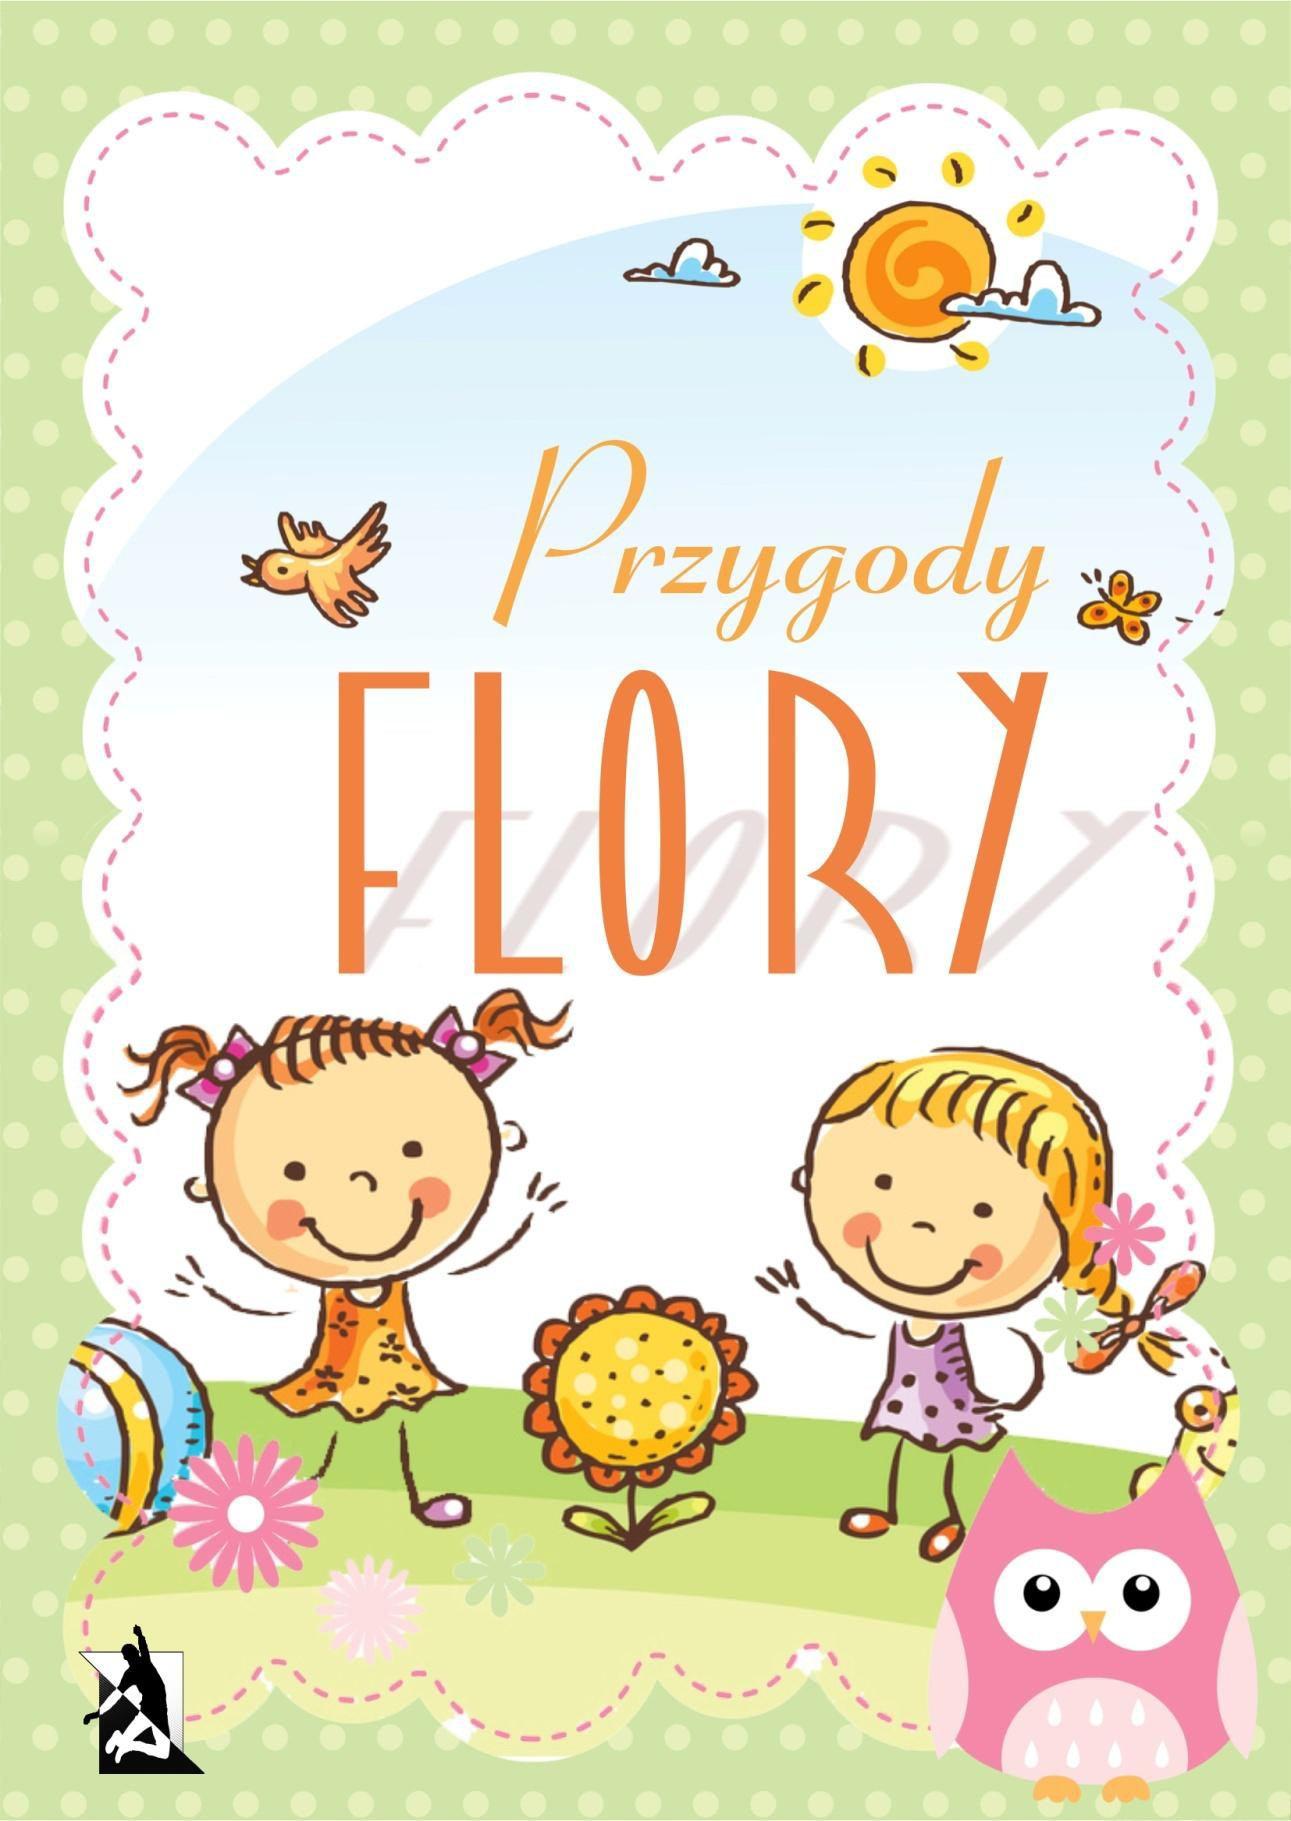 Przygody Flory - Ebook (Książka EPUB) do pobrania w formacie EPUB